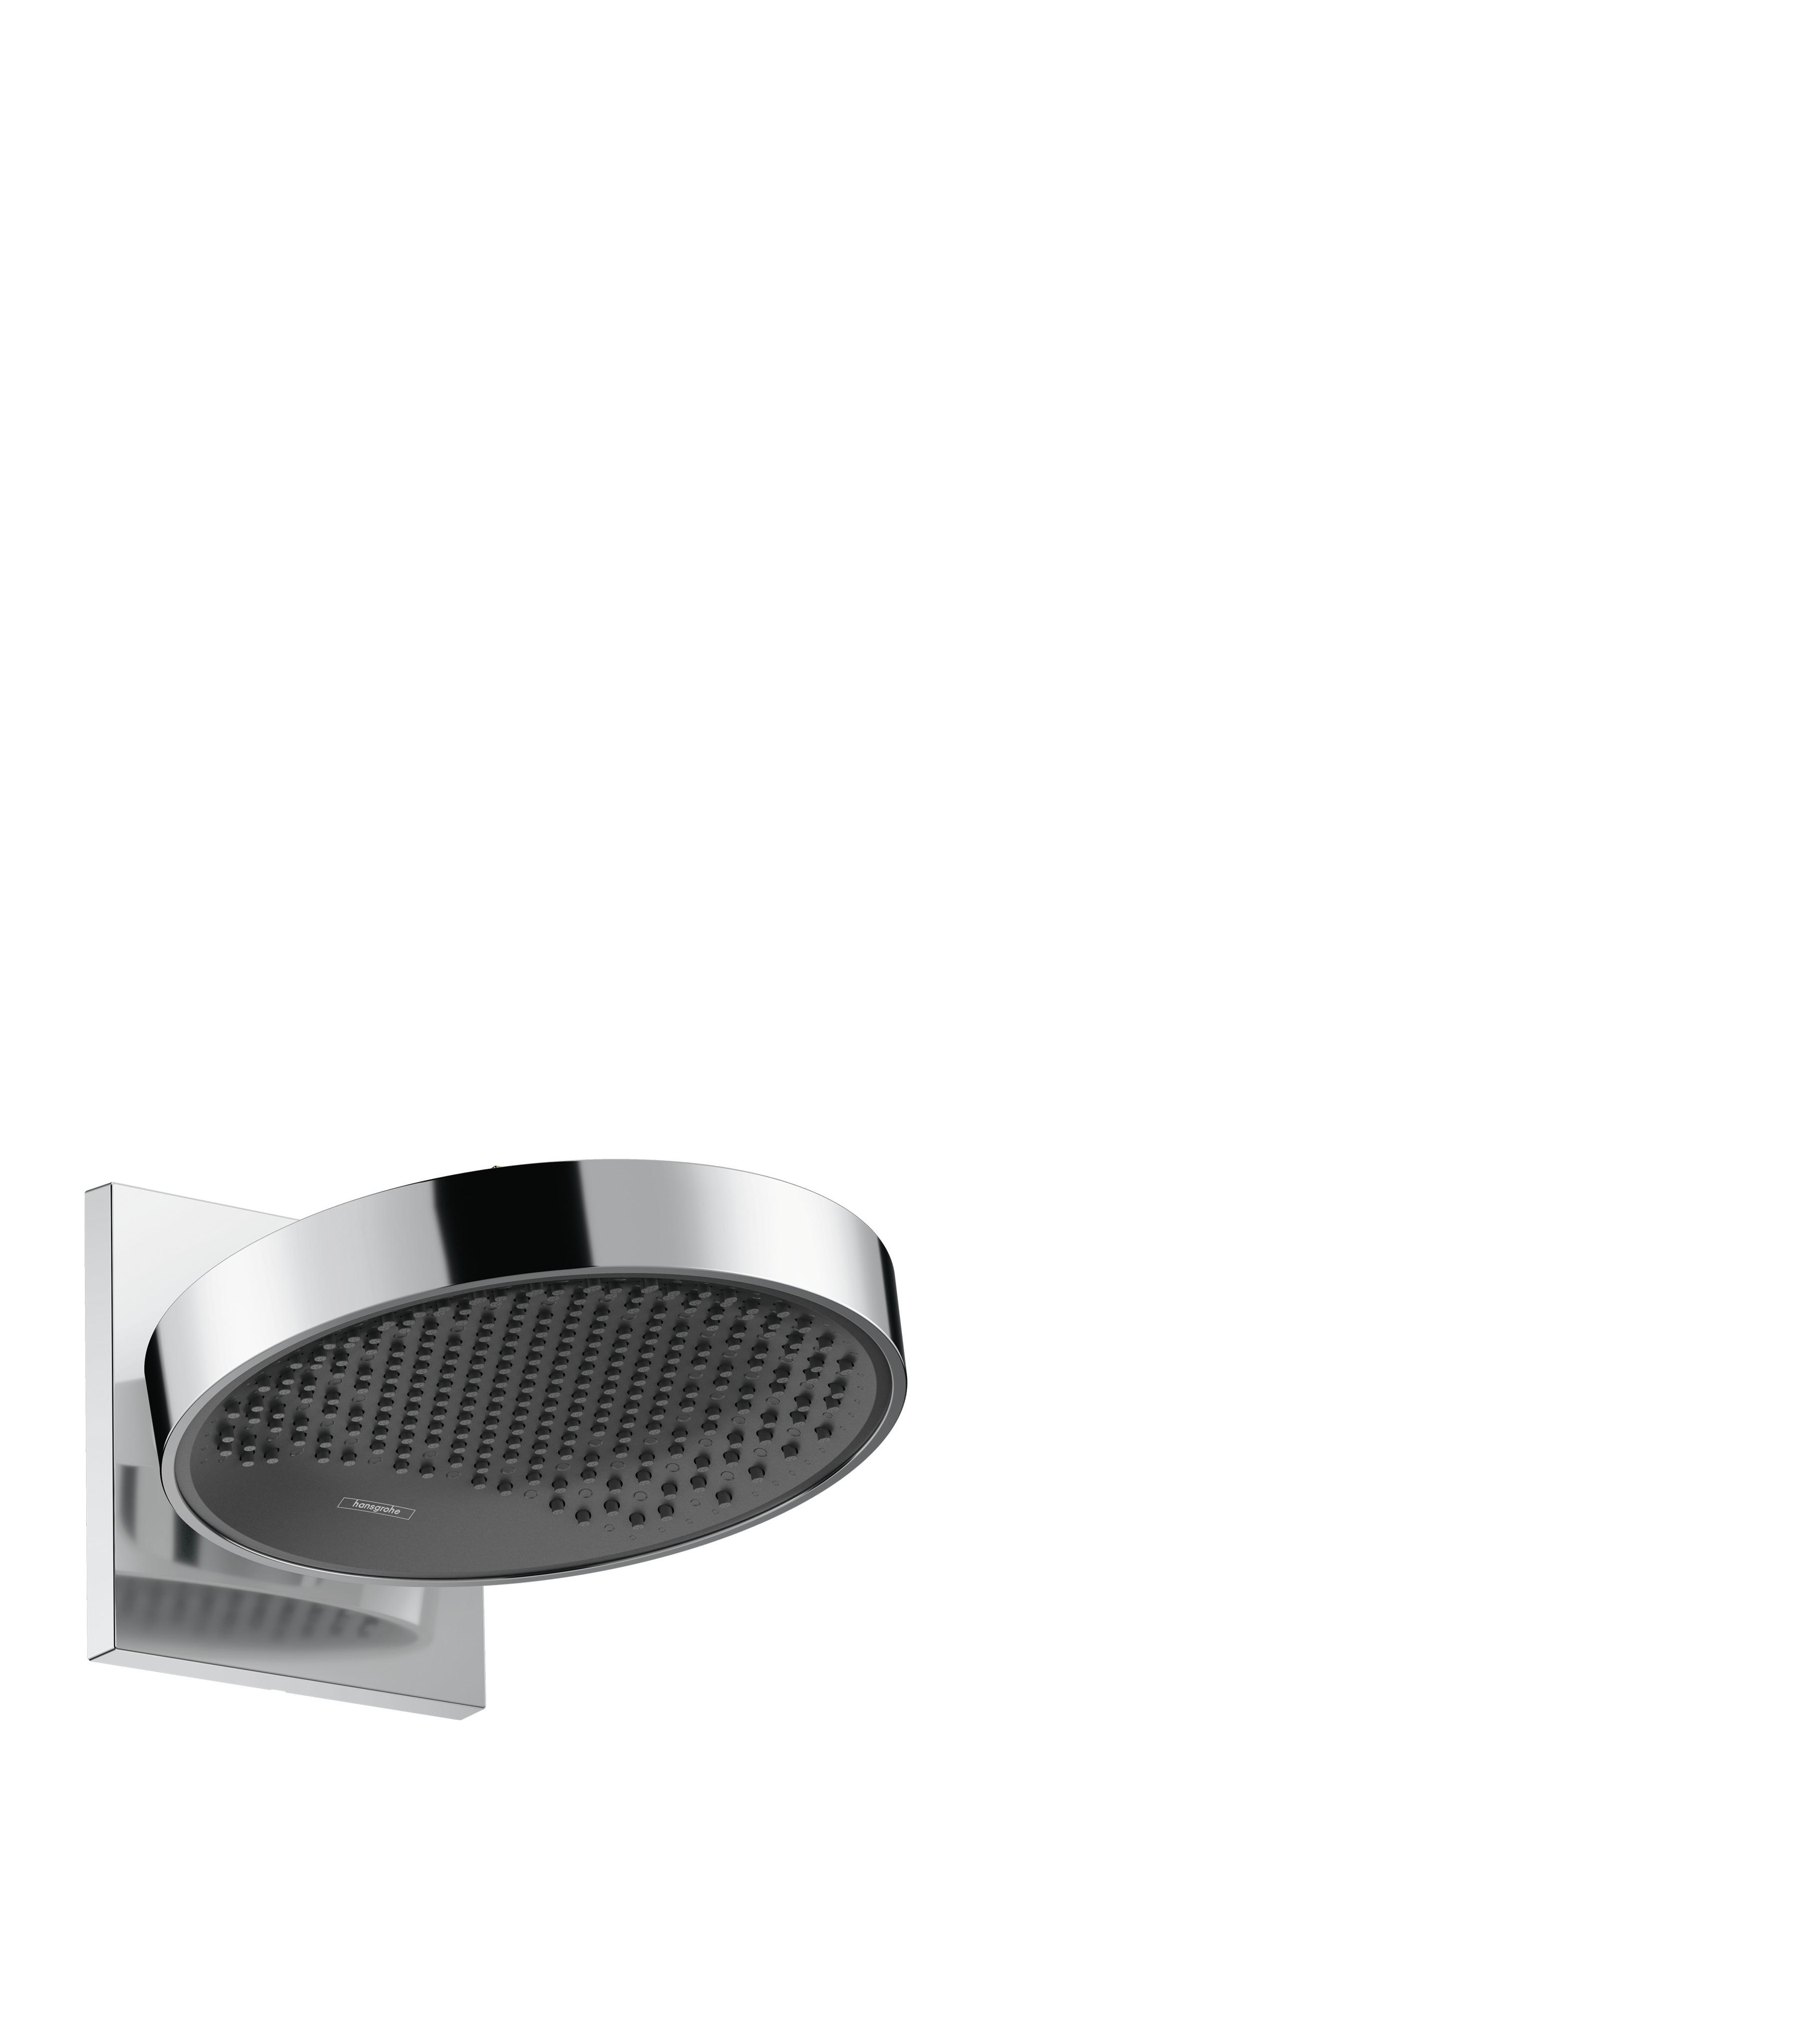 Верхний душ hansgrohe Rainfinity 250 1jet EcoSmart 9 л/мин с настенным разъемом 26227000 верхний душ hansgrohe rainfinity 360 1jet с настенным разъемом 26230000